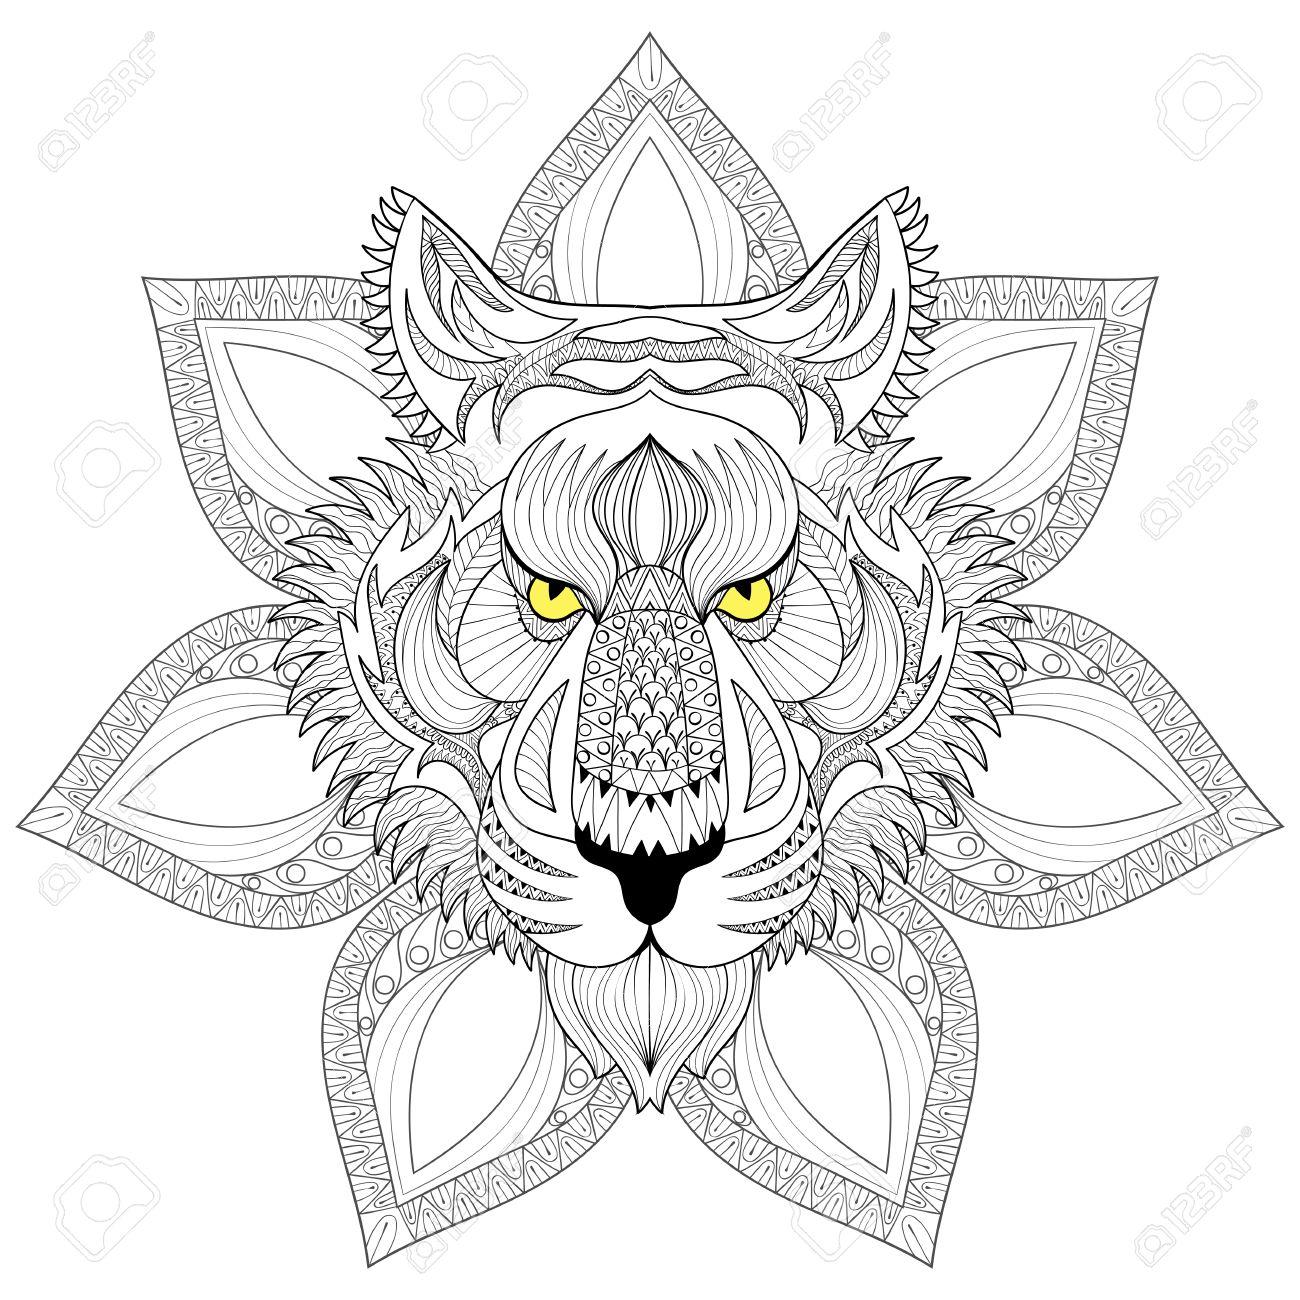 Vector Tiger Zentangle Tiger Visage Sur Mandala Illustration Tête De Tigre Imprimer Pour Coloriage Anti Stress Adulte Hand Drawn Artistiquement